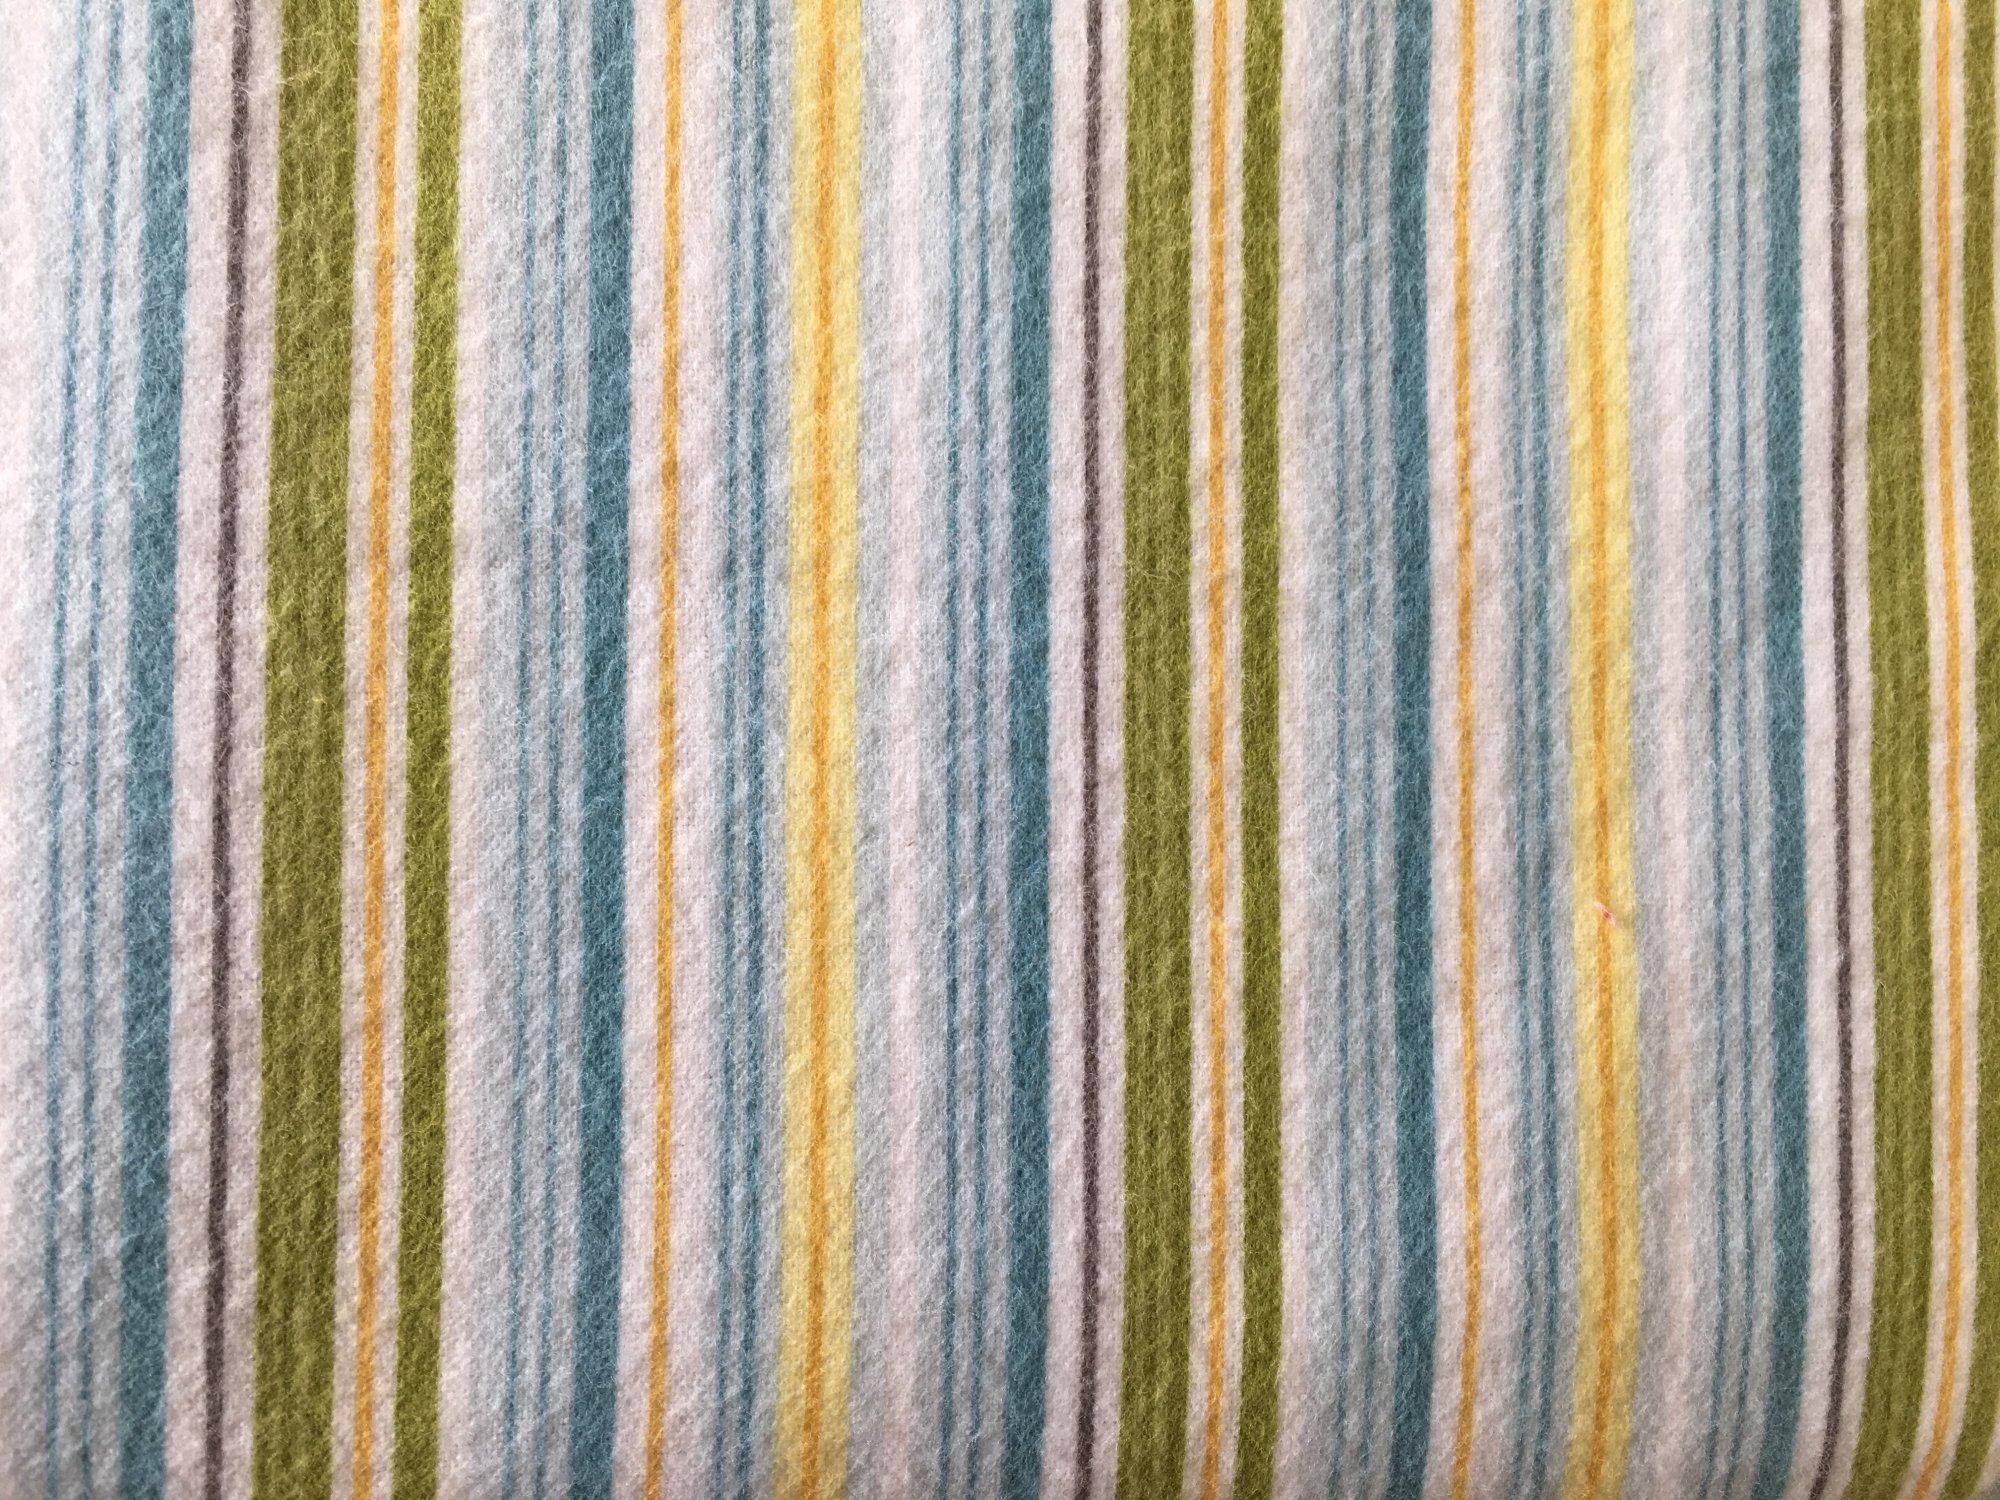 Fine & Dandy Blue Stripe Flannel